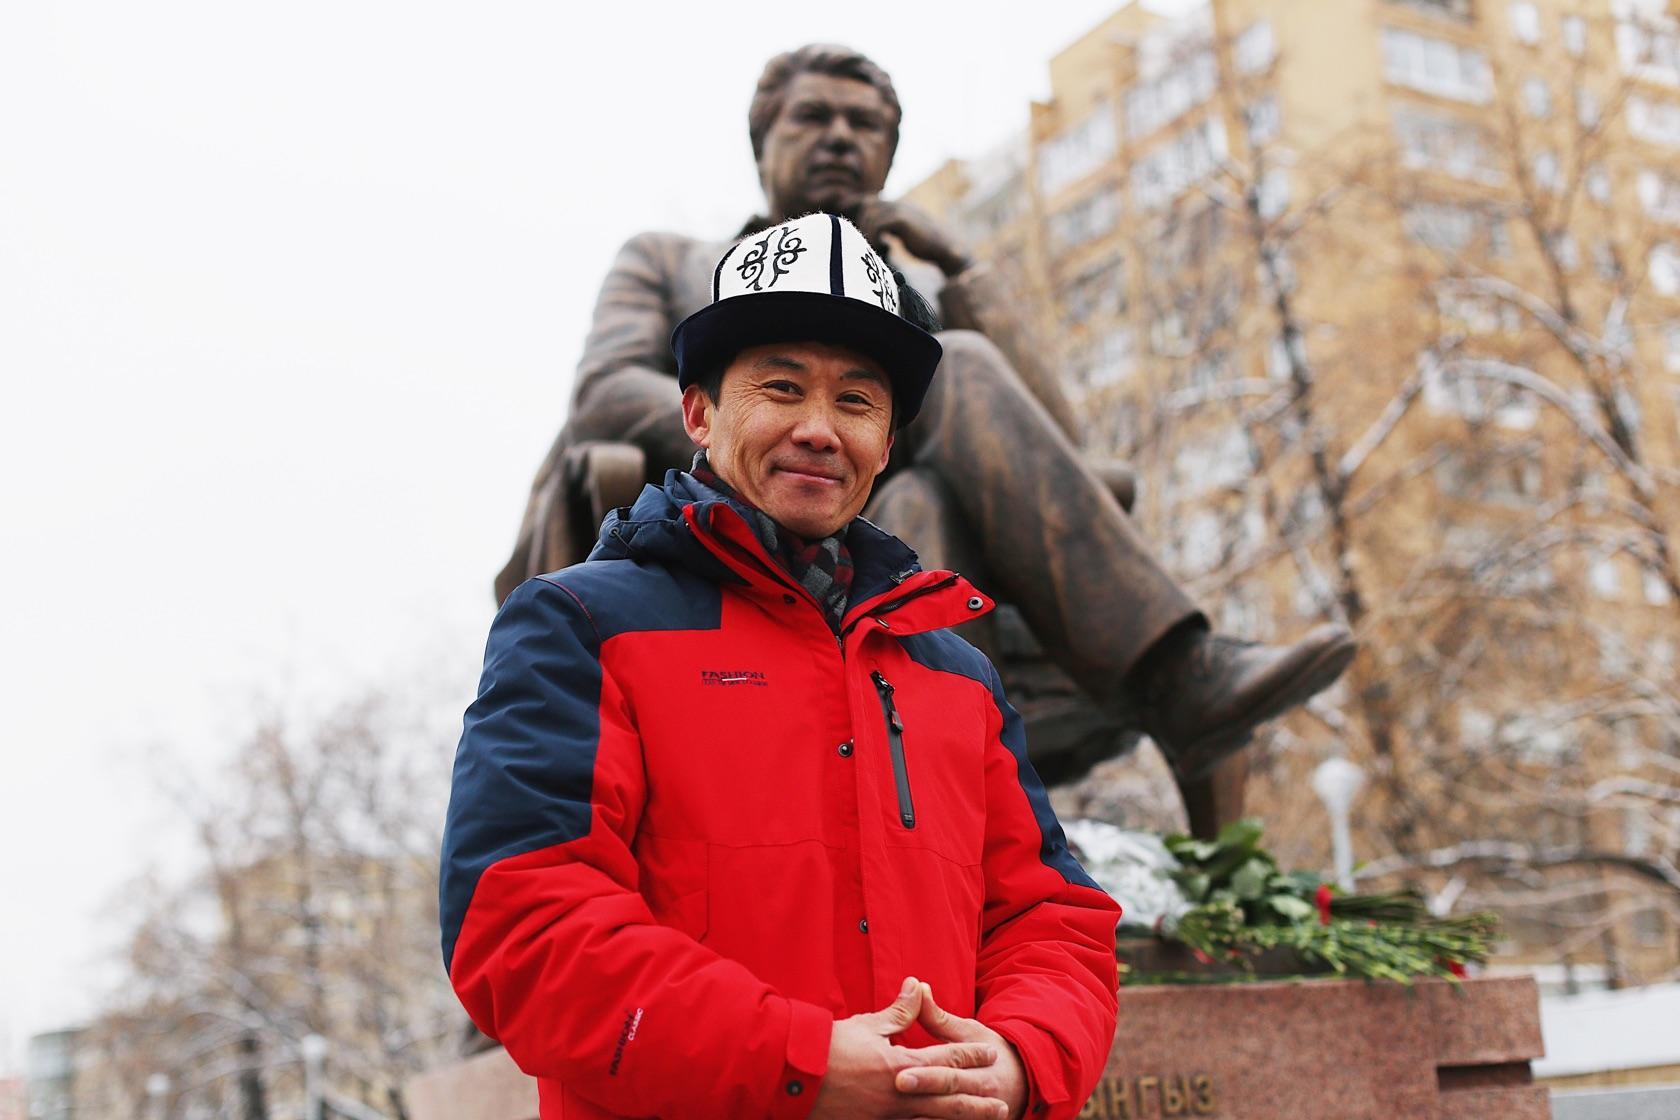 Собянин открыл в Москве памятник Чингизу Айтматову к 90-летию писателя